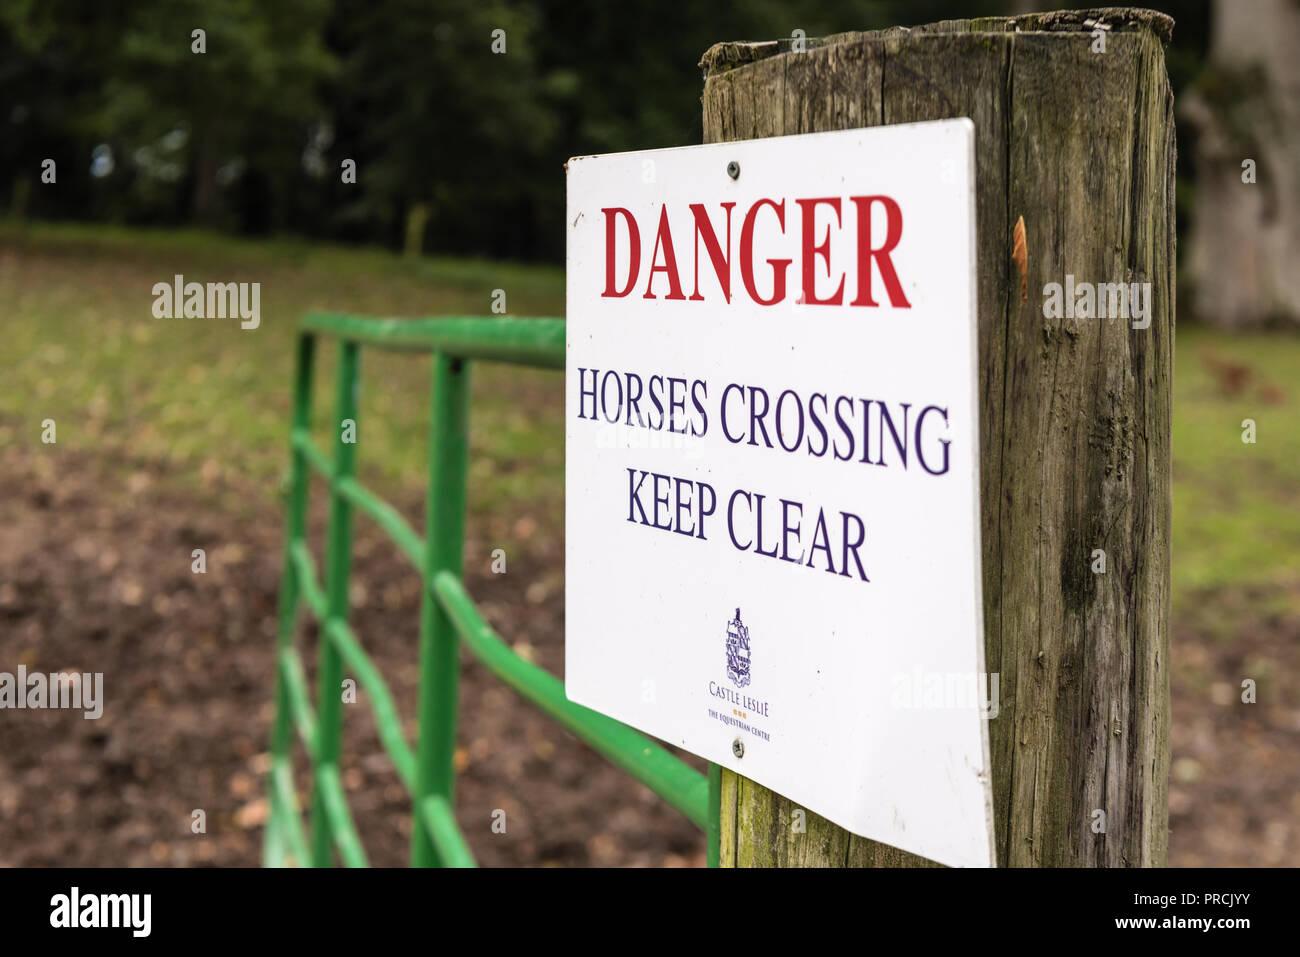 Anmelden Warnung der Bevölkerung, Pferde, die überquert werden kann und sich frei zu halten. Stockbild